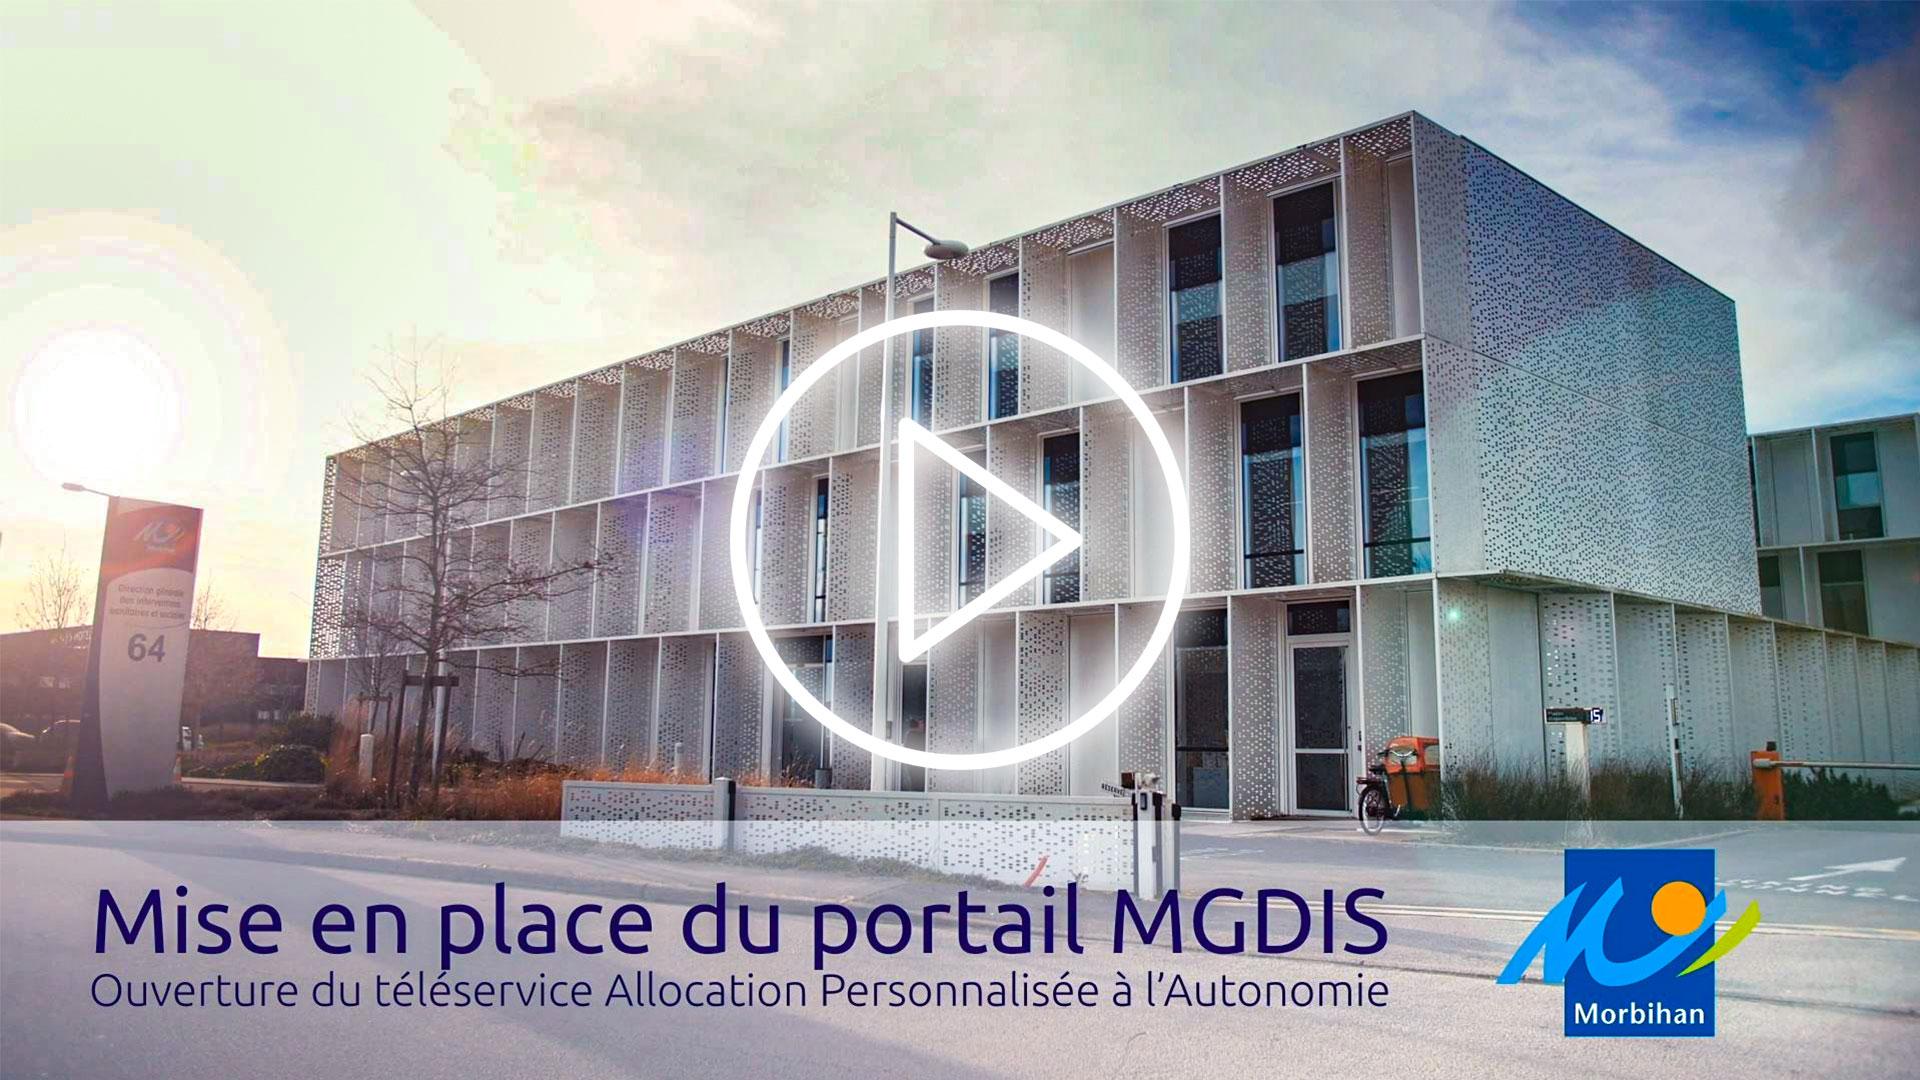 Morbihan ouverture du téléservice Allocation Personnalisée à l'autonomie